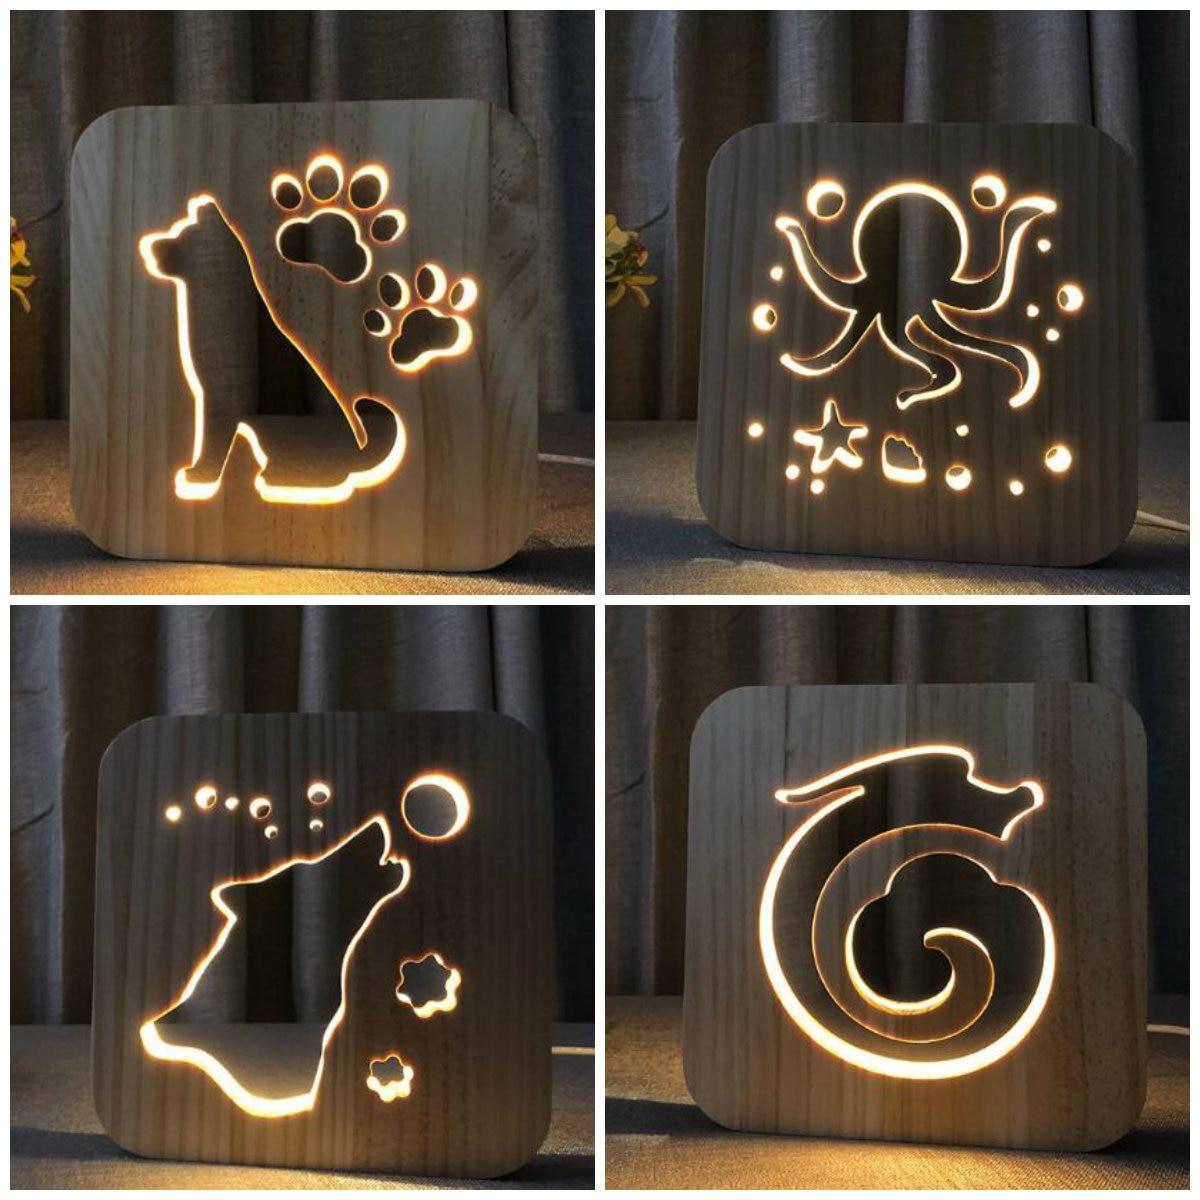 Nocturna De 3d Lámpara Madera Noche Animales Decoración Perro Luz 9bEDI2HeYW